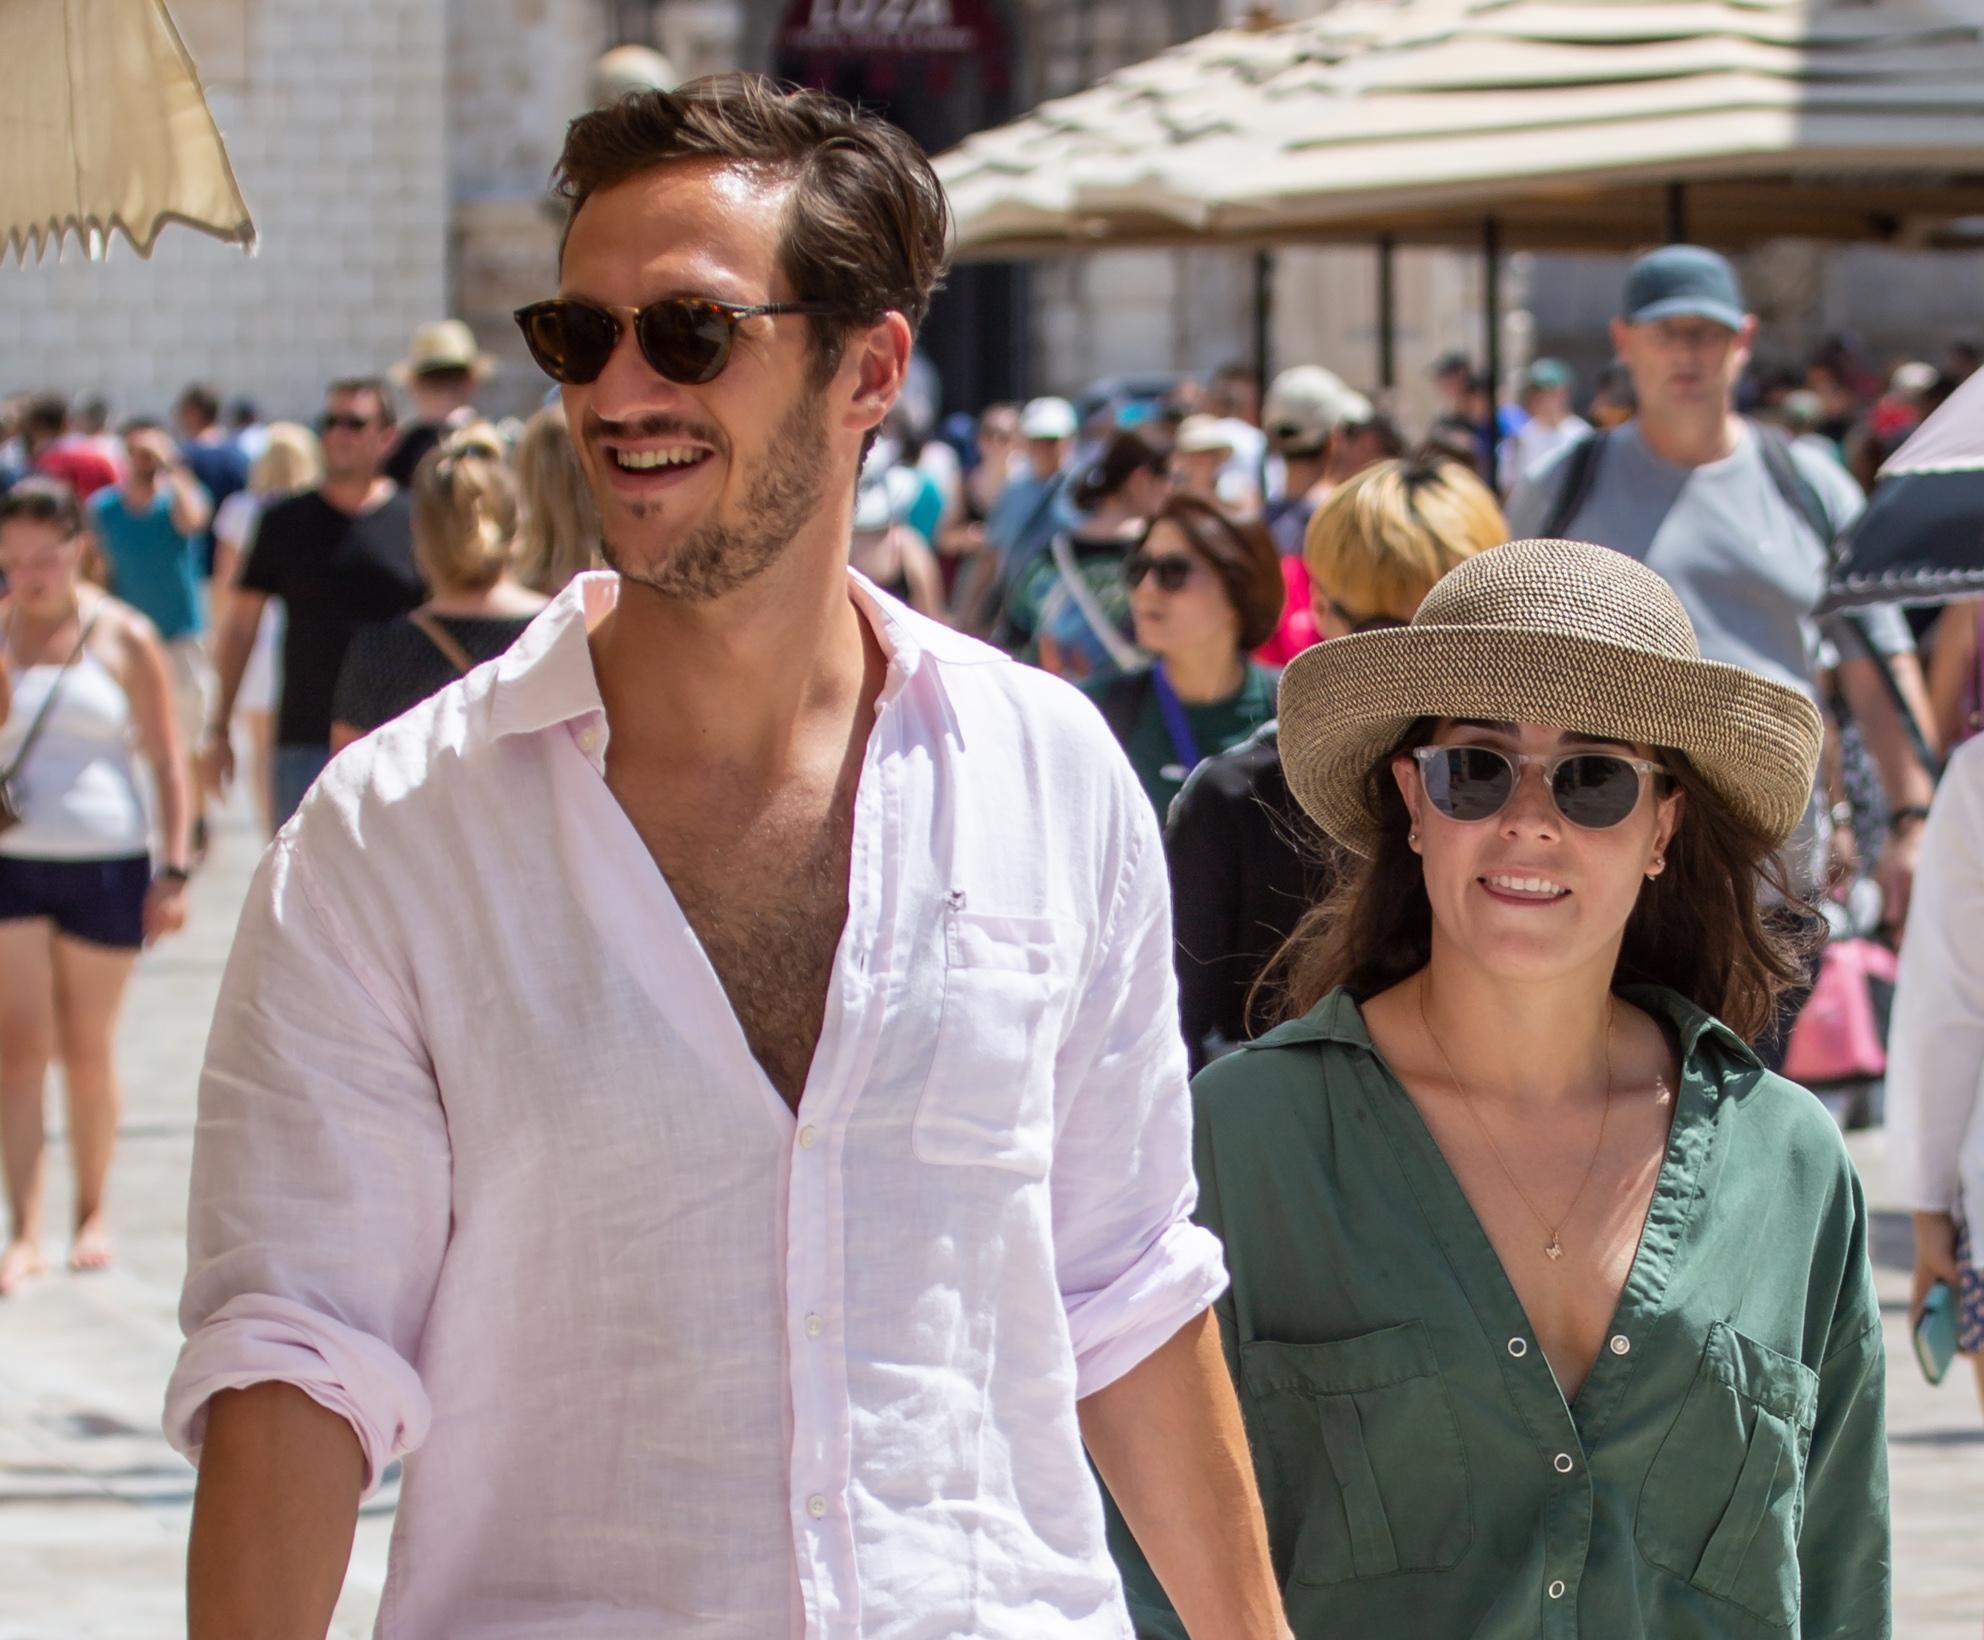 Kakav zgodan par: Njih dvoje definitivno su ukrali pozornost na dubrovačkim ulicama!